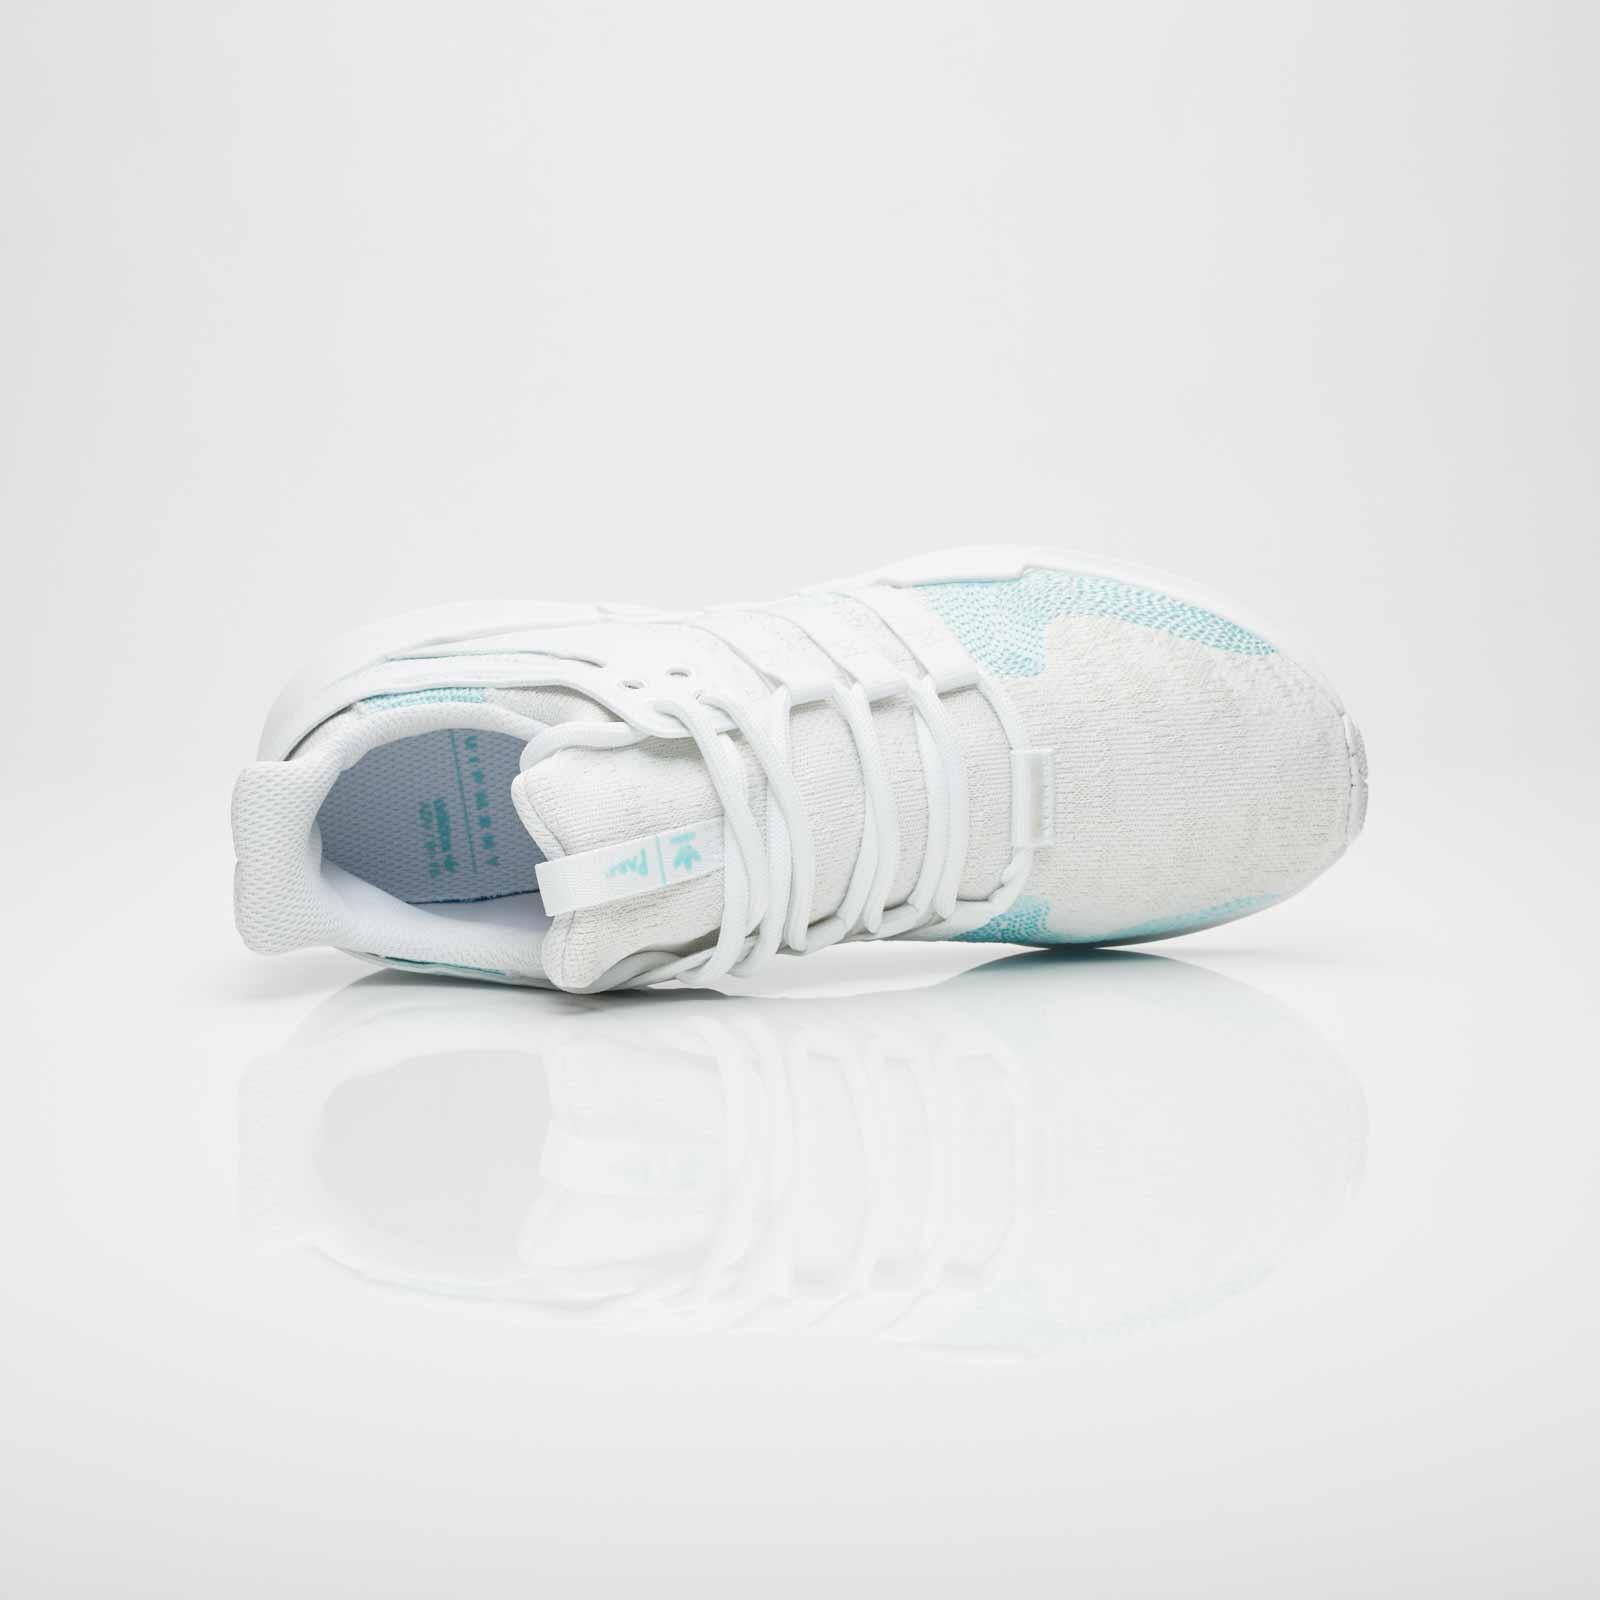 Adidas eqt appoggio avanzata ac7804 scarpe da ginnasticanstuff ck parley